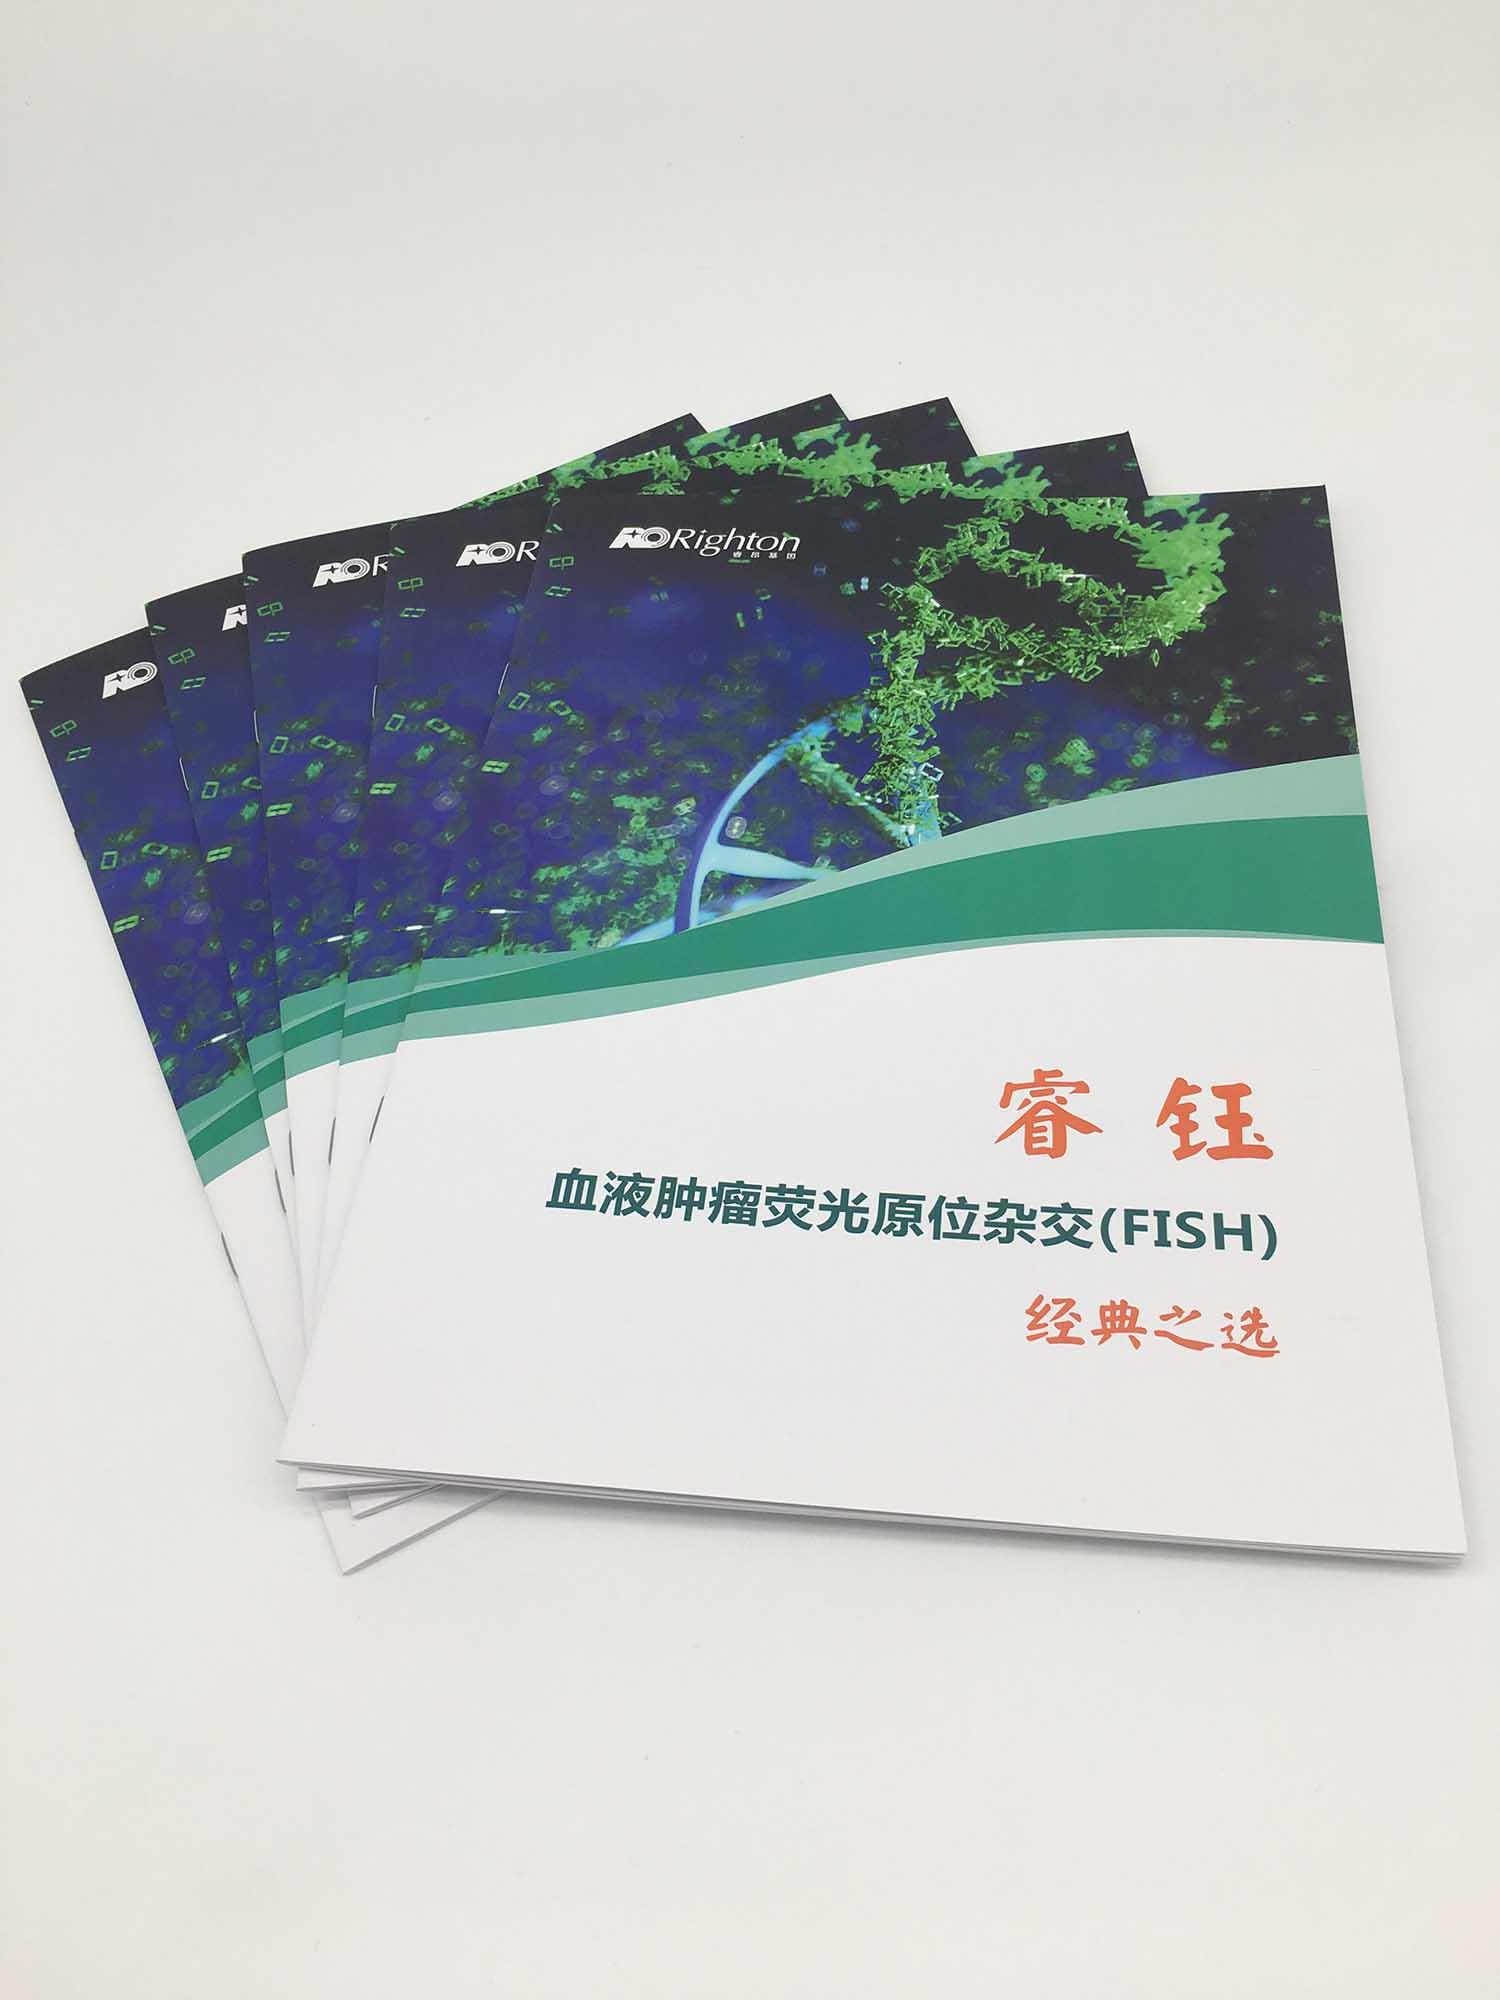 鄂城区产品宣传册印刷